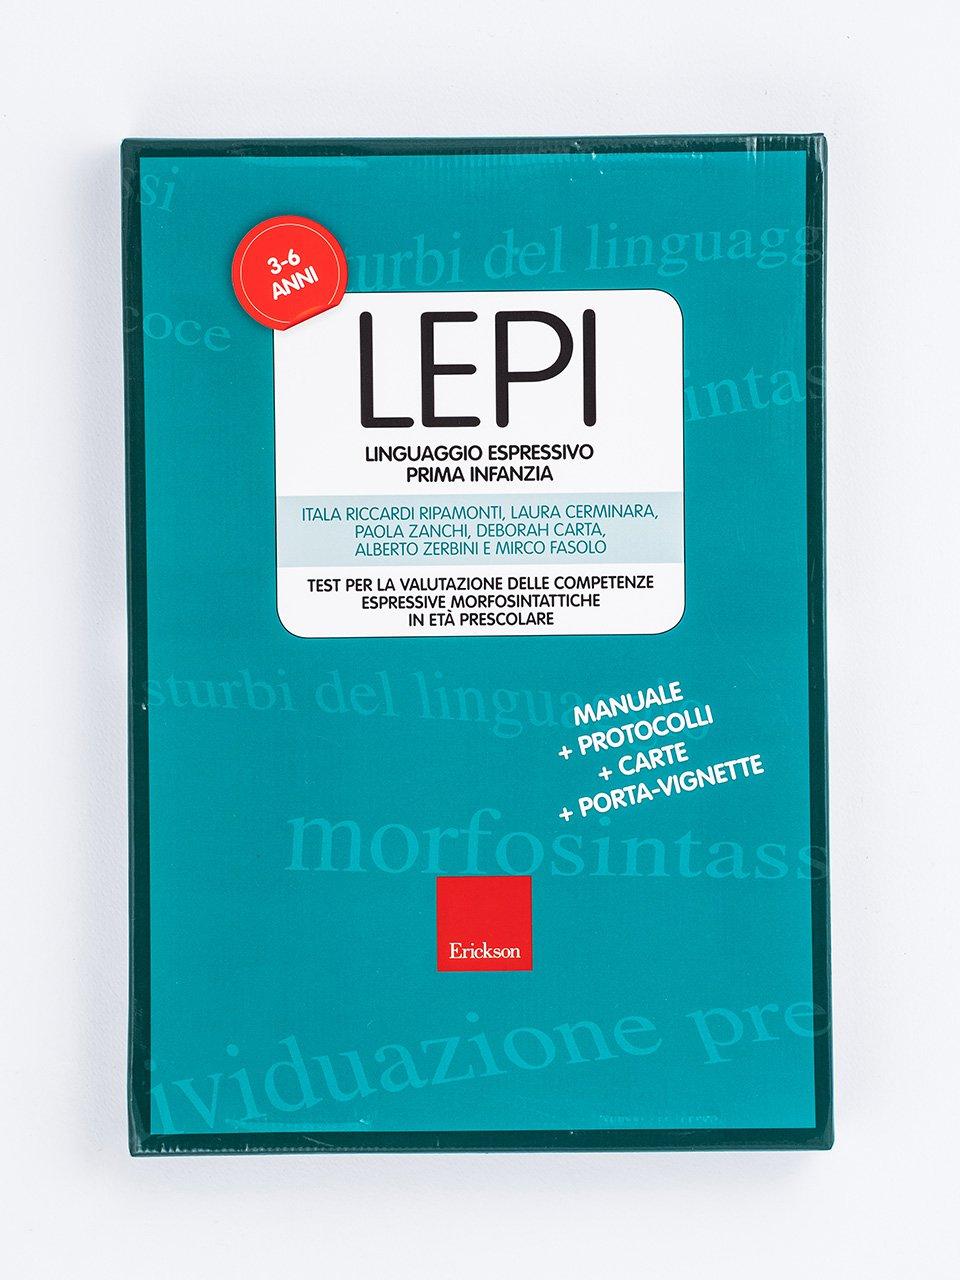 LEPI - LINGUAGGIO ESPRESSIVO PRIMA INFANZIA - Test TVL - Valutazione del linguaggio - Libri - Strumenti - Erickson